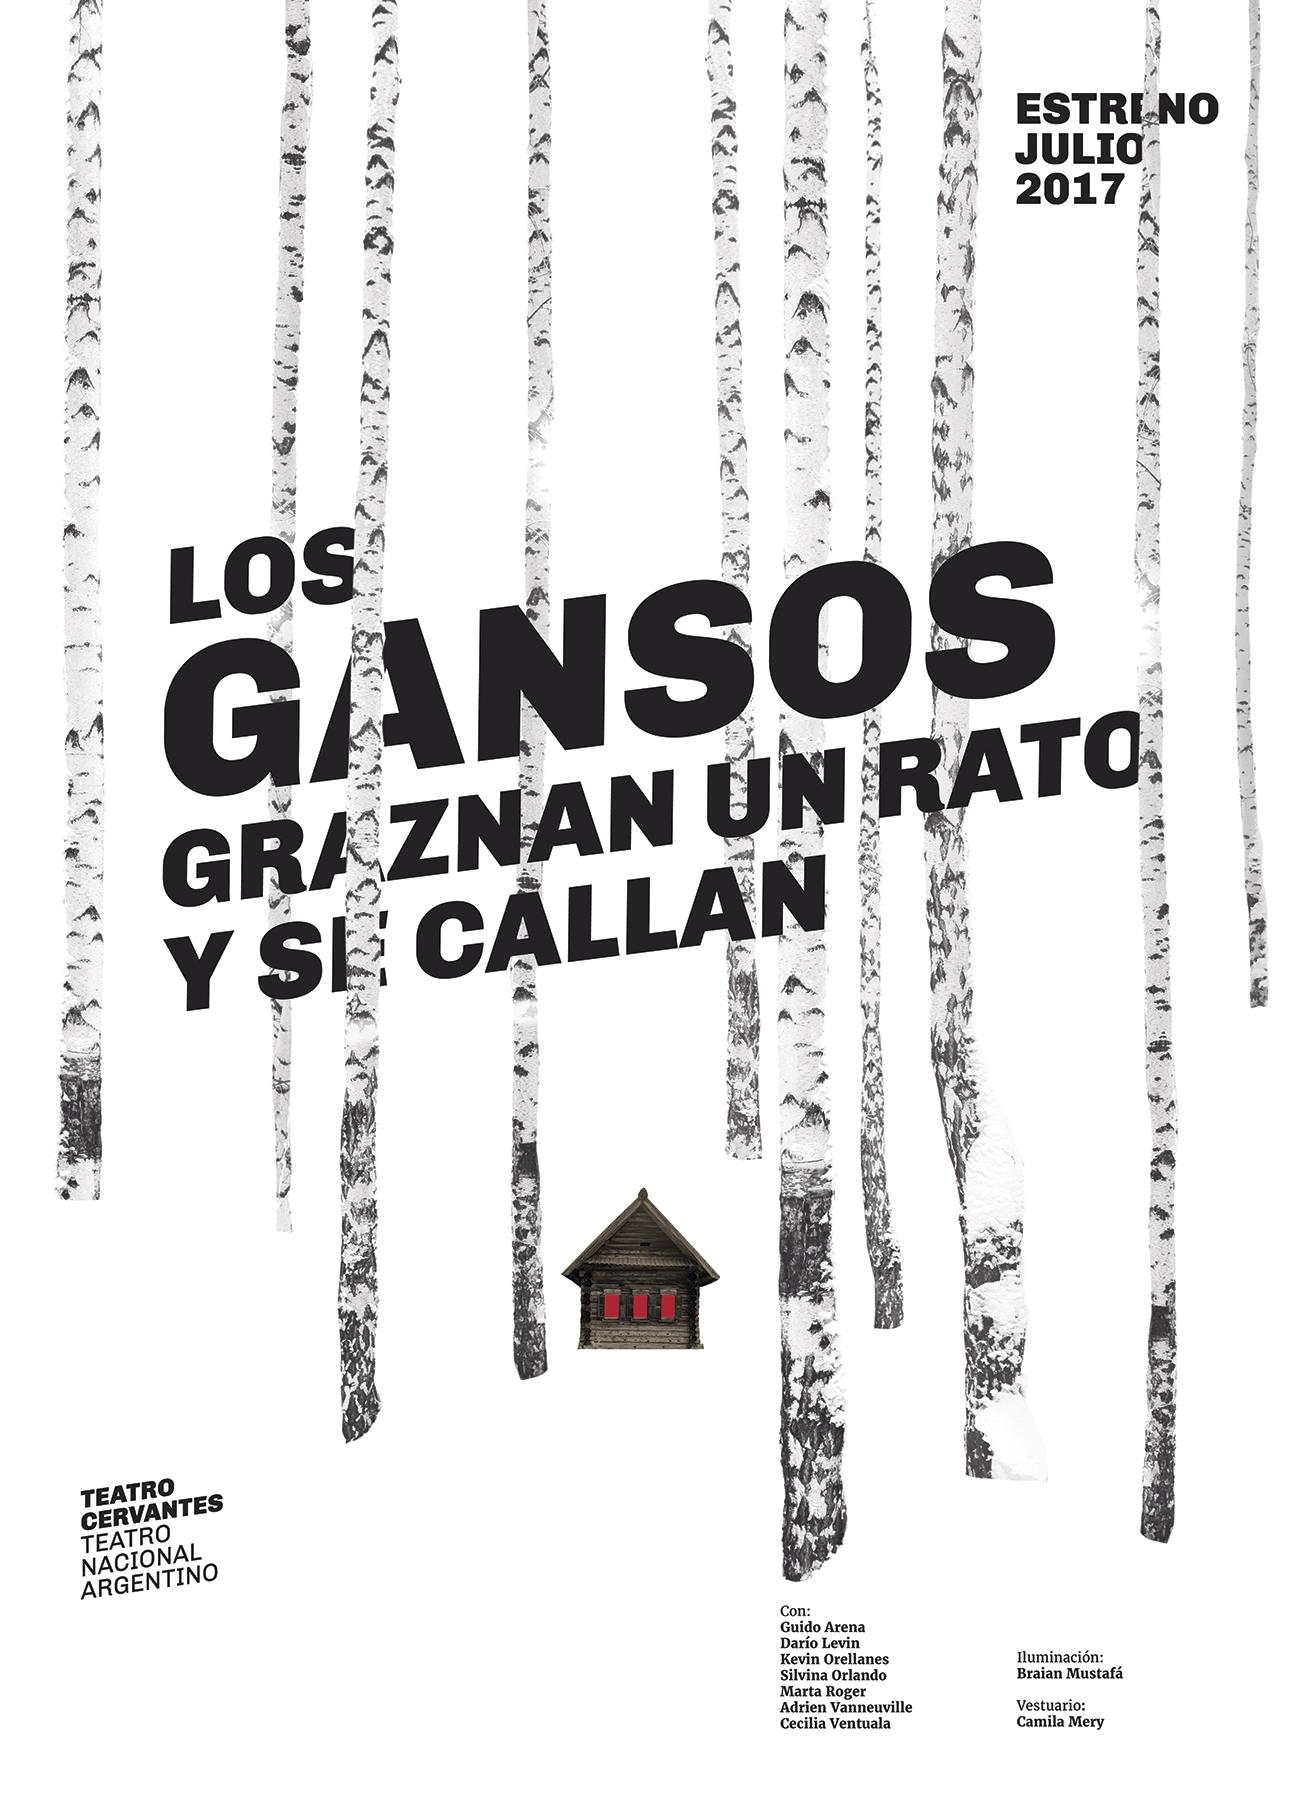 Diseño de afiches Teatro Cervantes - Teatro Nacional Argentino - Los gansos graznan